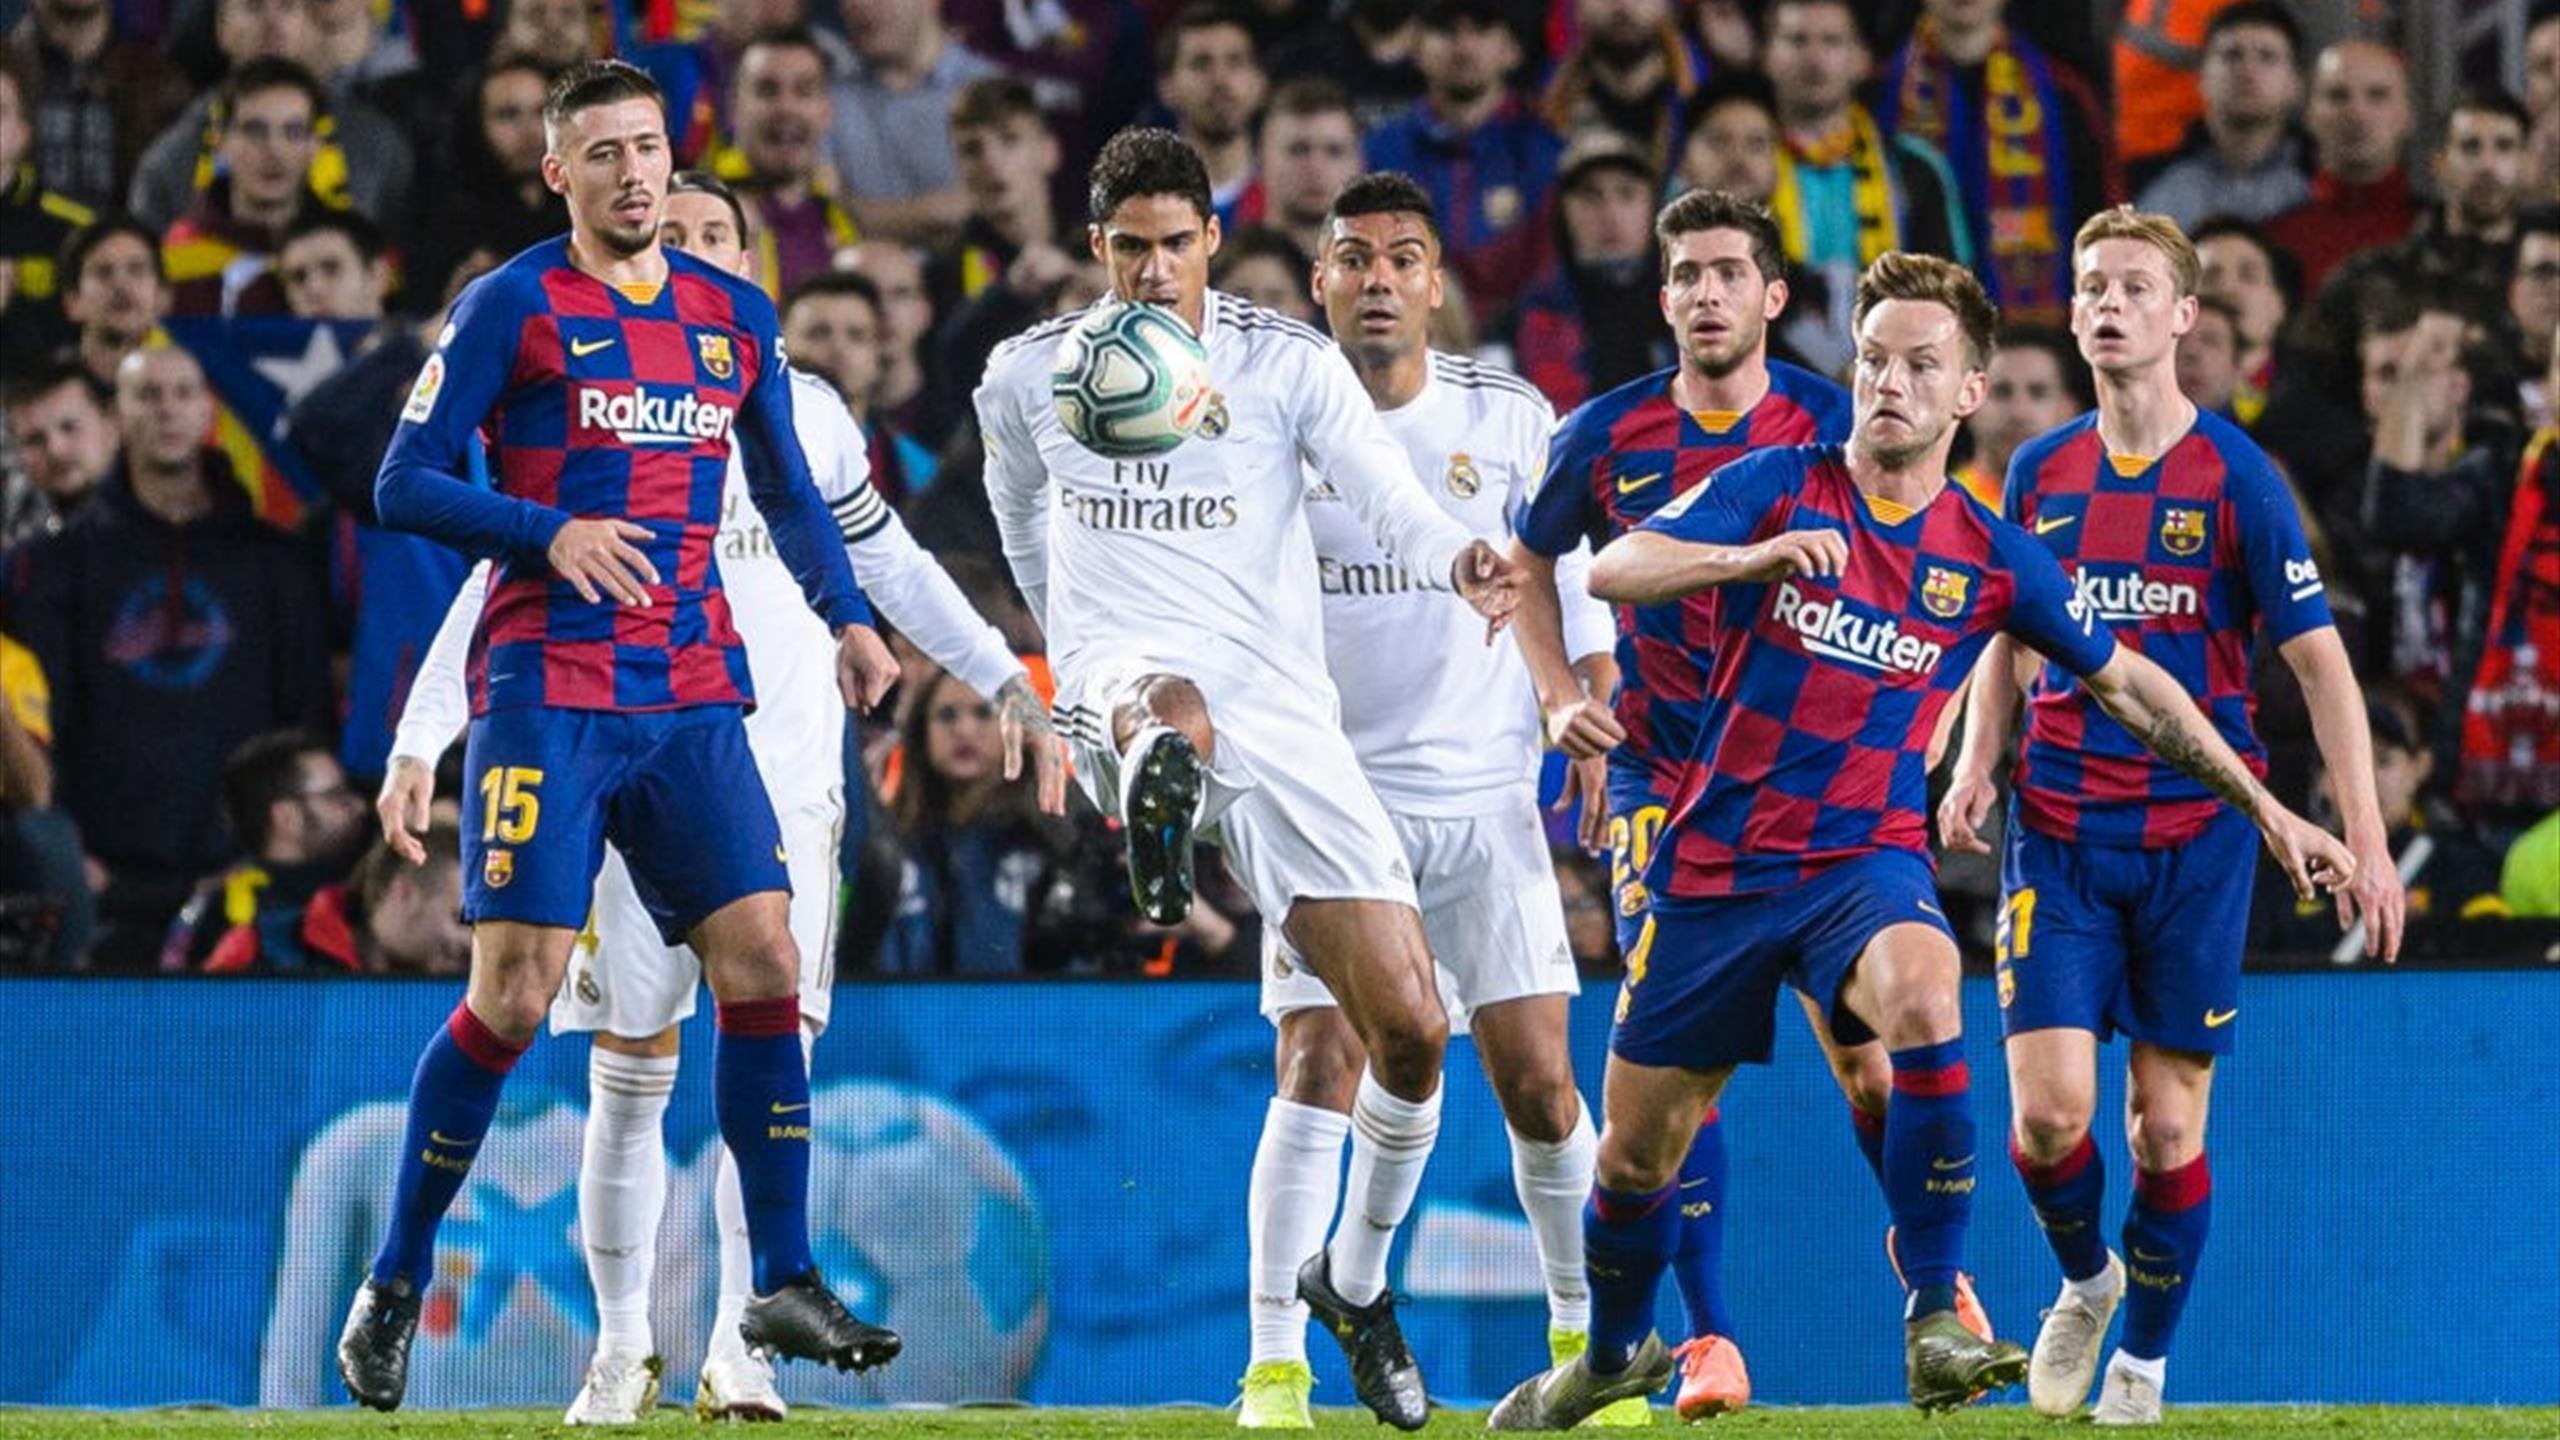 Футбол чемпионат испании htfk- fhctkjyf 1- 3